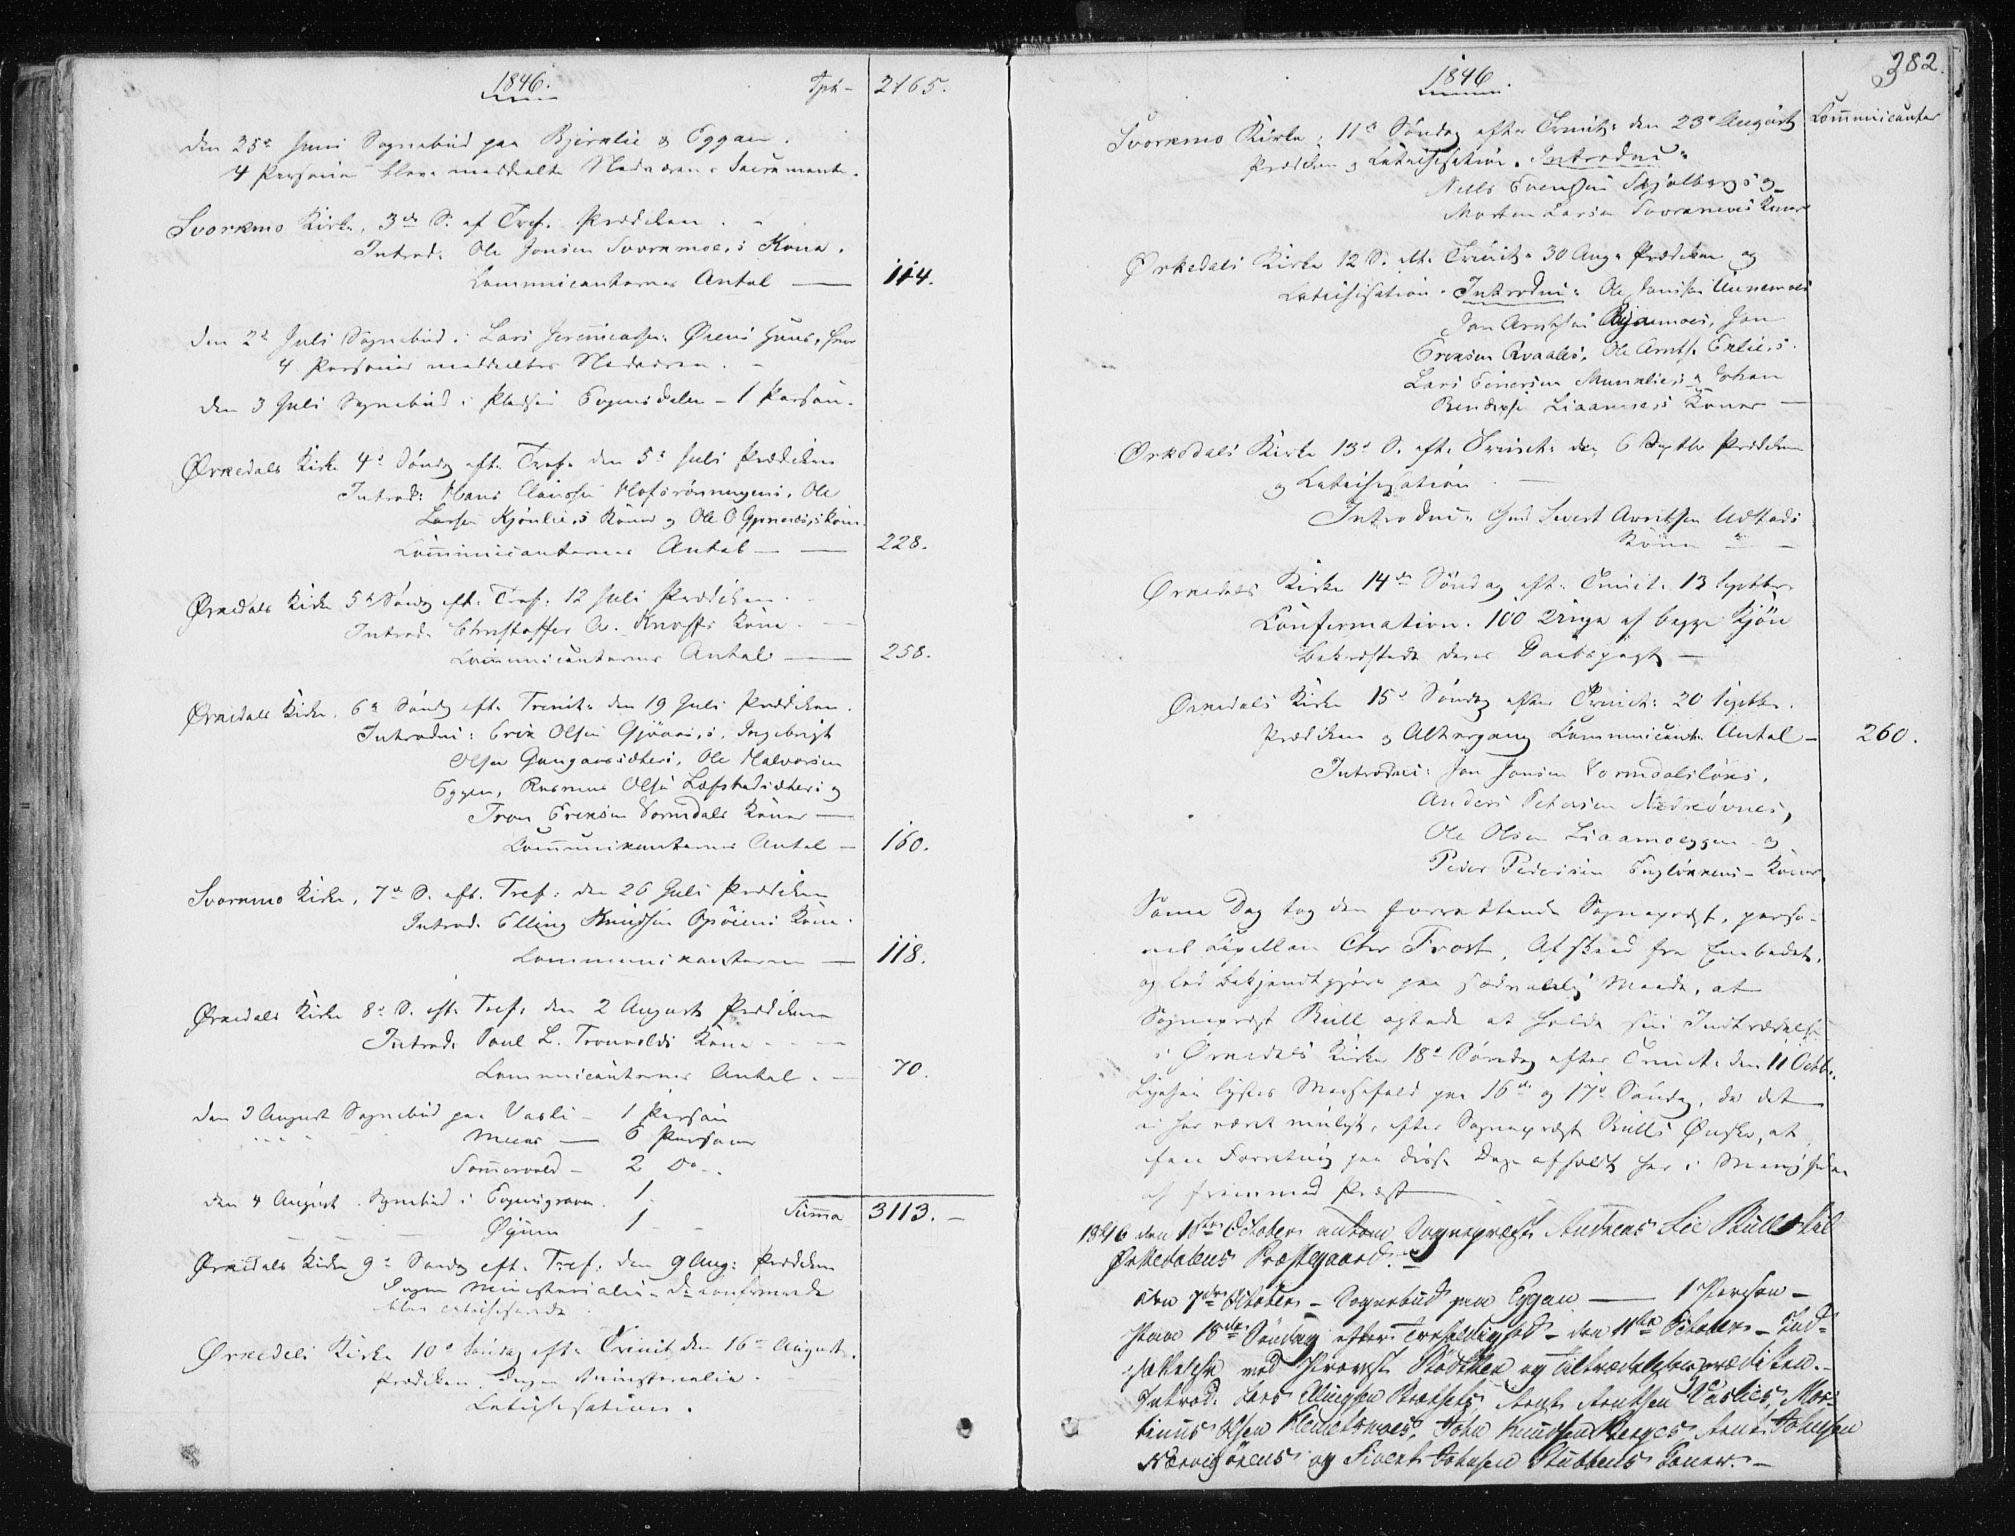 SAT, Ministerialprotokoller, klokkerbøker og fødselsregistre - Sør-Trøndelag, 668/L0805: Ministerialbok nr. 668A05, 1840-1853, s. 382